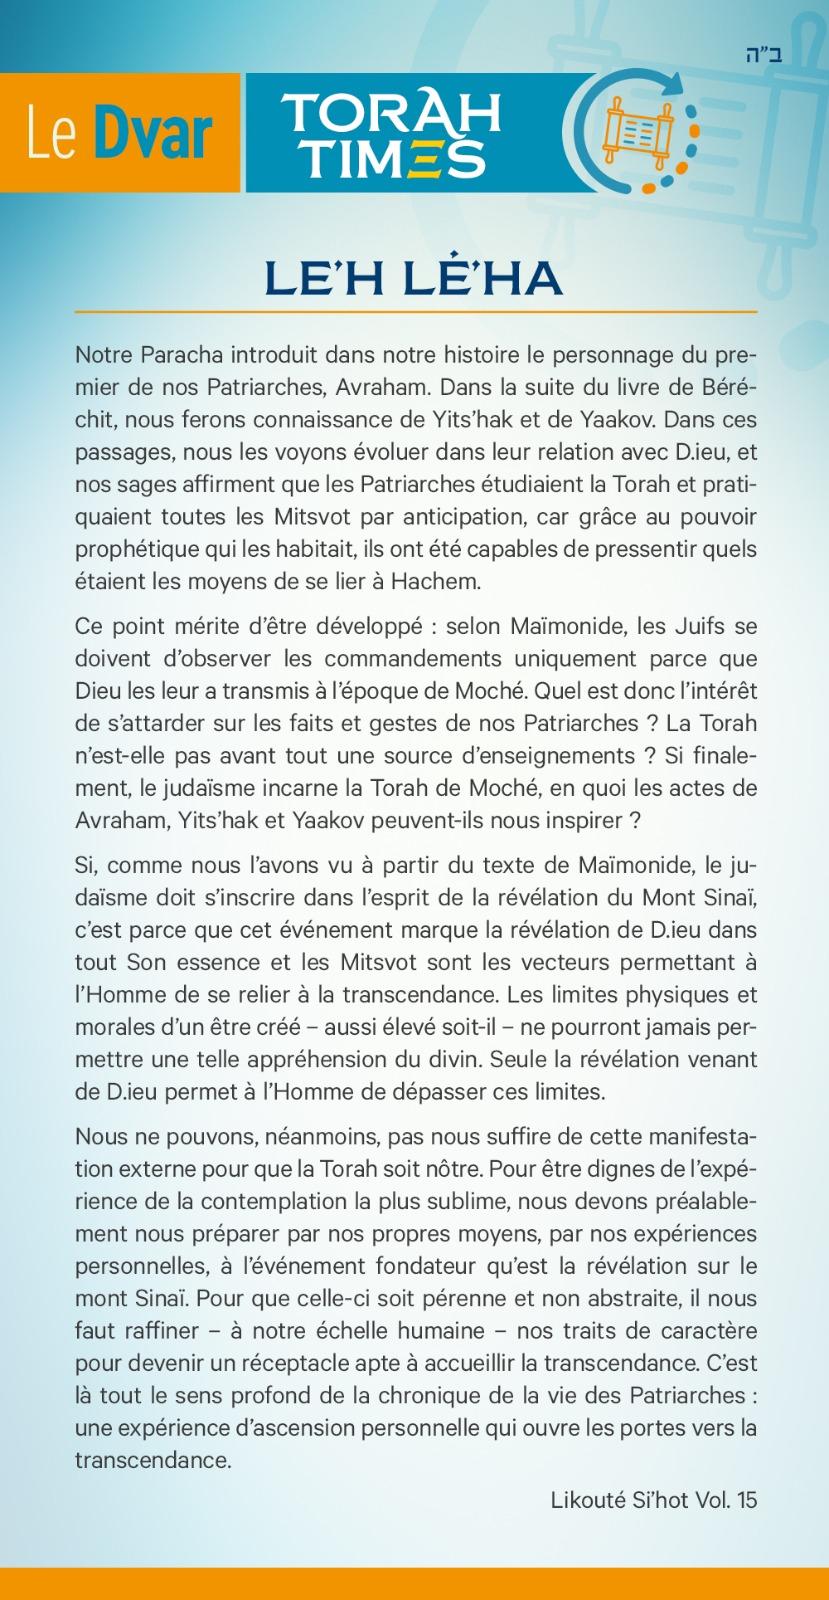 Le Dvar Torah Times de Le'h Le'ha